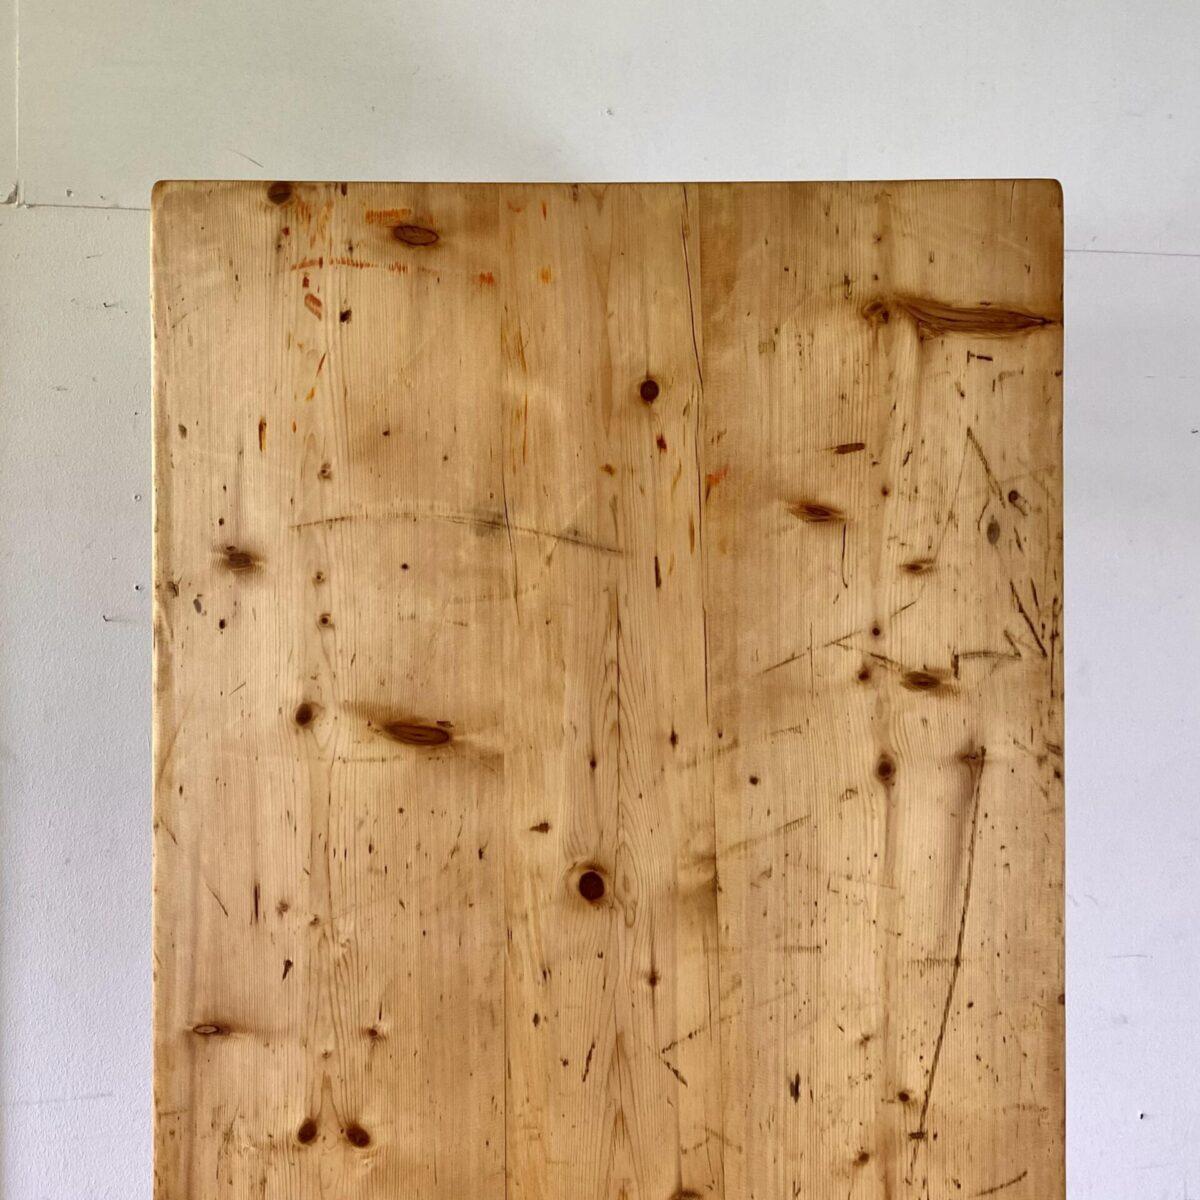 Deuxieme.shop Antiker Biedermeiertisch Swiss Designklassiker. Tannenholz Biedermeiertisch 195x73cm Höhe 75cm. Der Tisch hat eine lebhafte Alterspatina, die Längszargen sind für eine angenehme Beinfreiheit etwas ausgenommen. Die Holzoberflächen sind mit Naturöl behandelt.